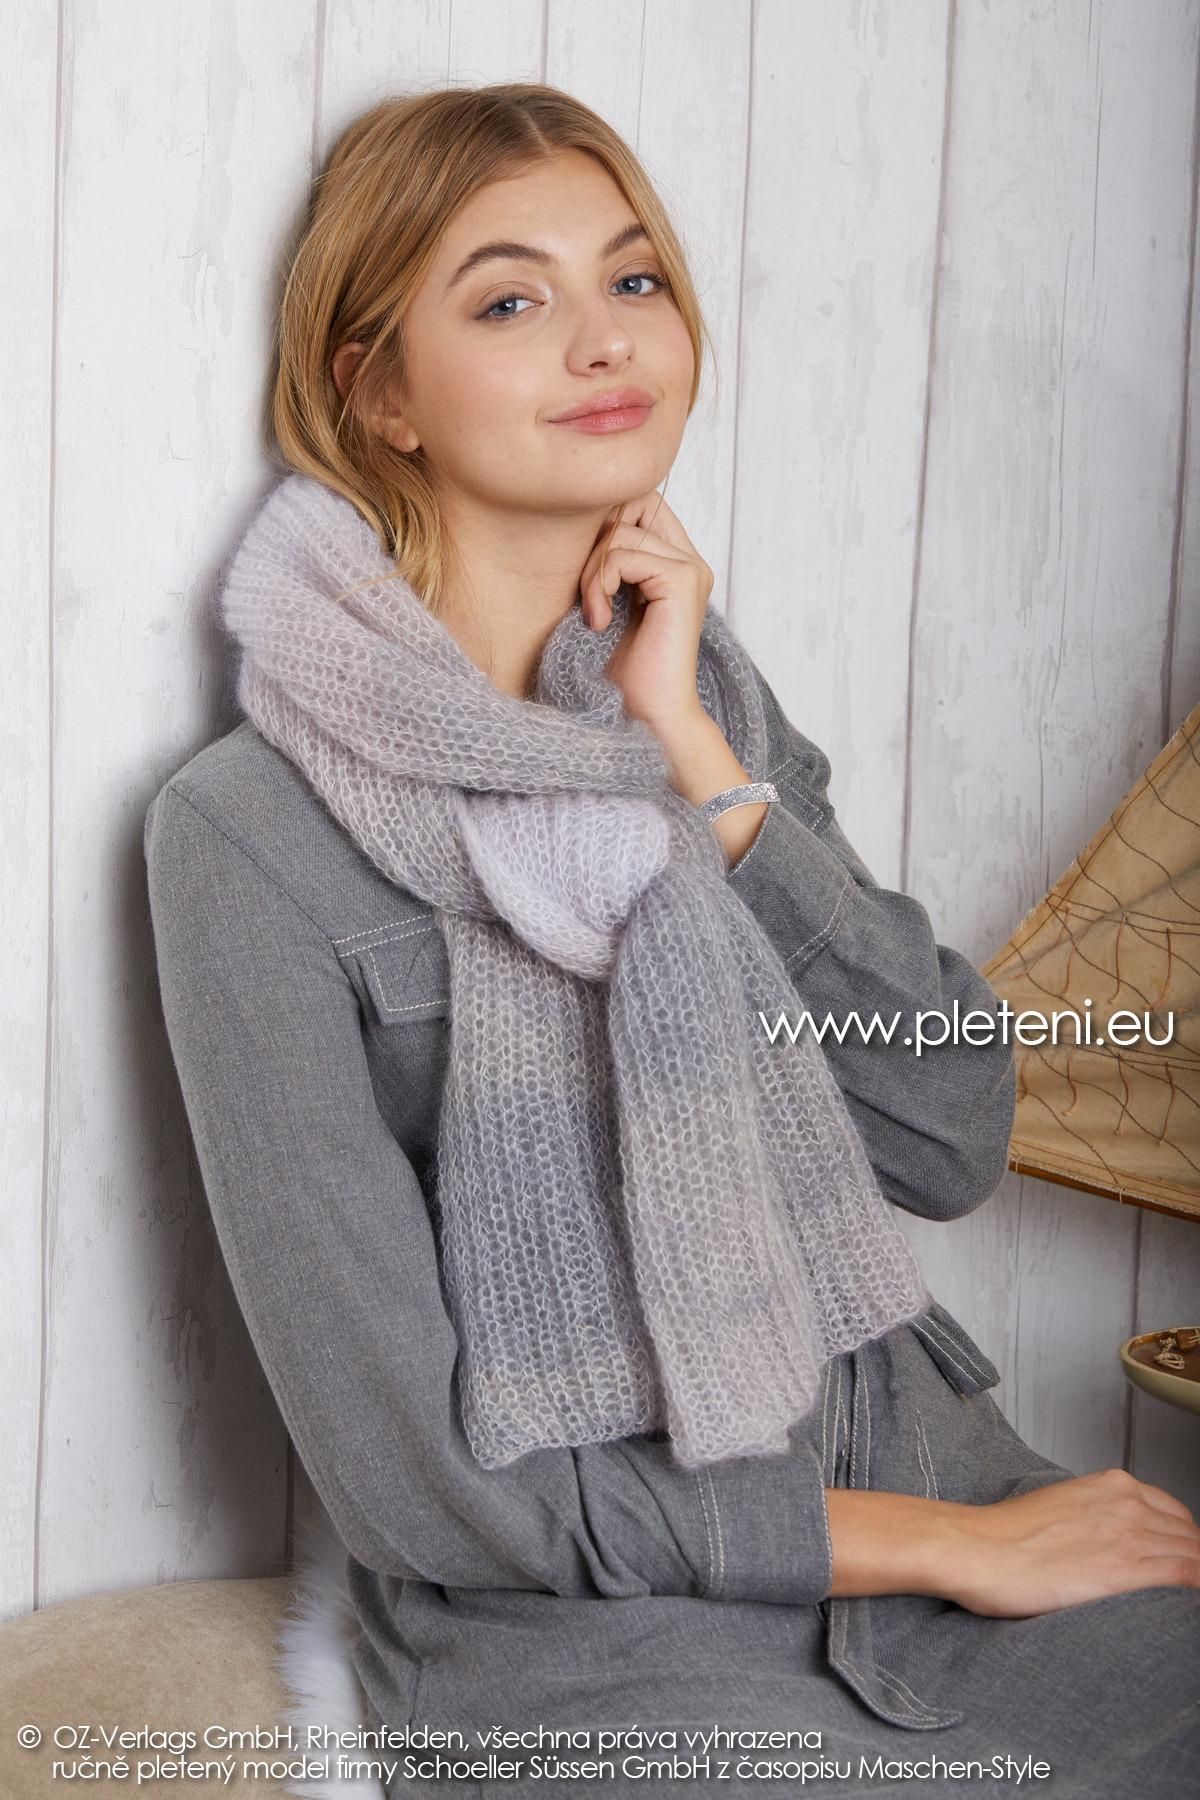 2019-Z-13 pletená dámská šála z příze Kid Silk Degradé značky Austermann